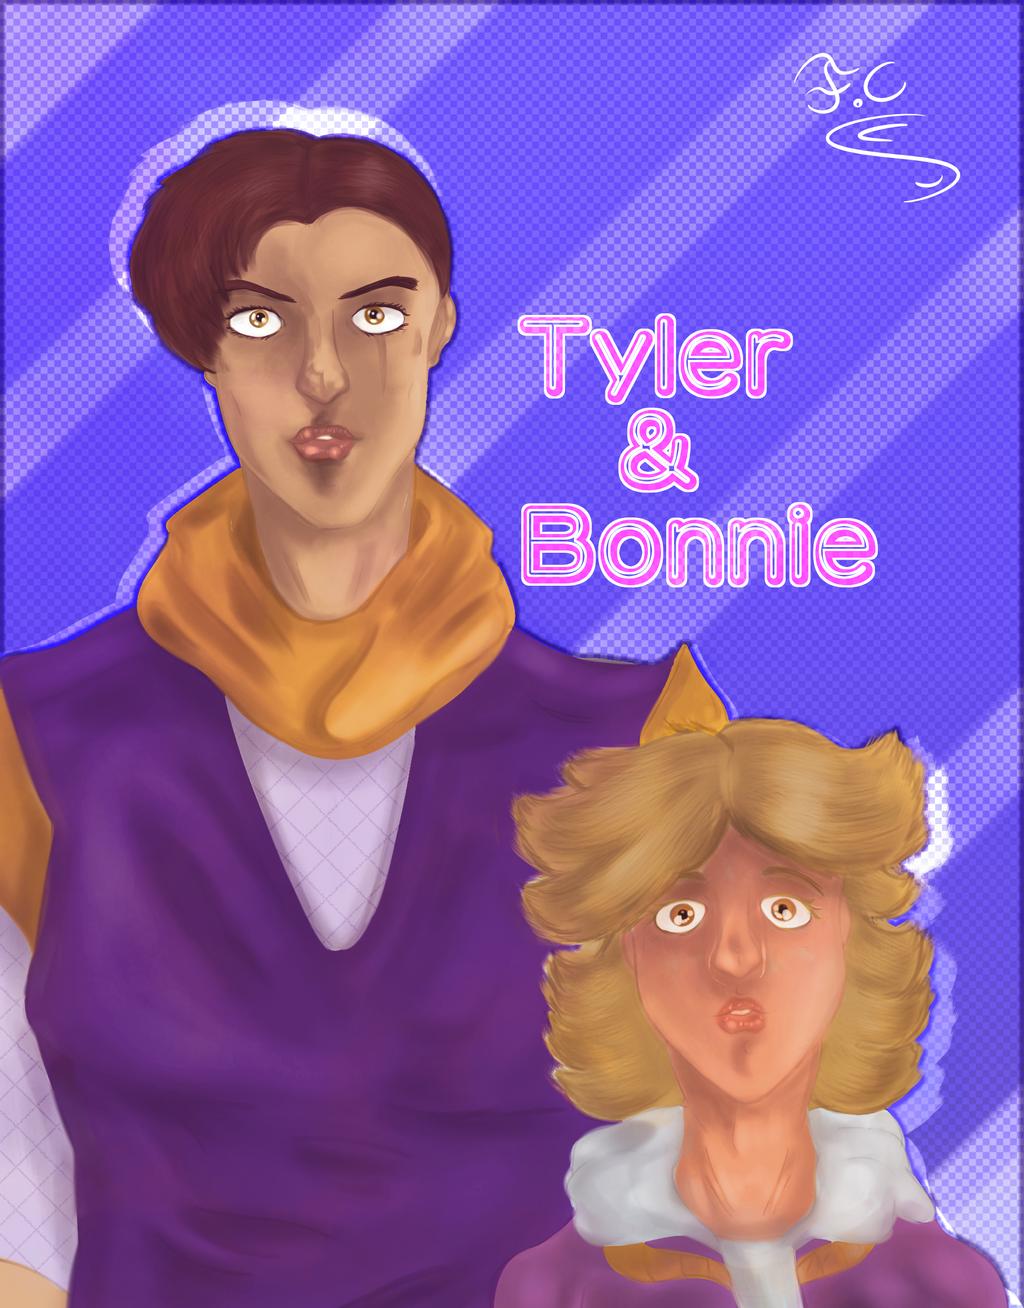 Tyler And Bonnie Jojo oc  by FaridCreator